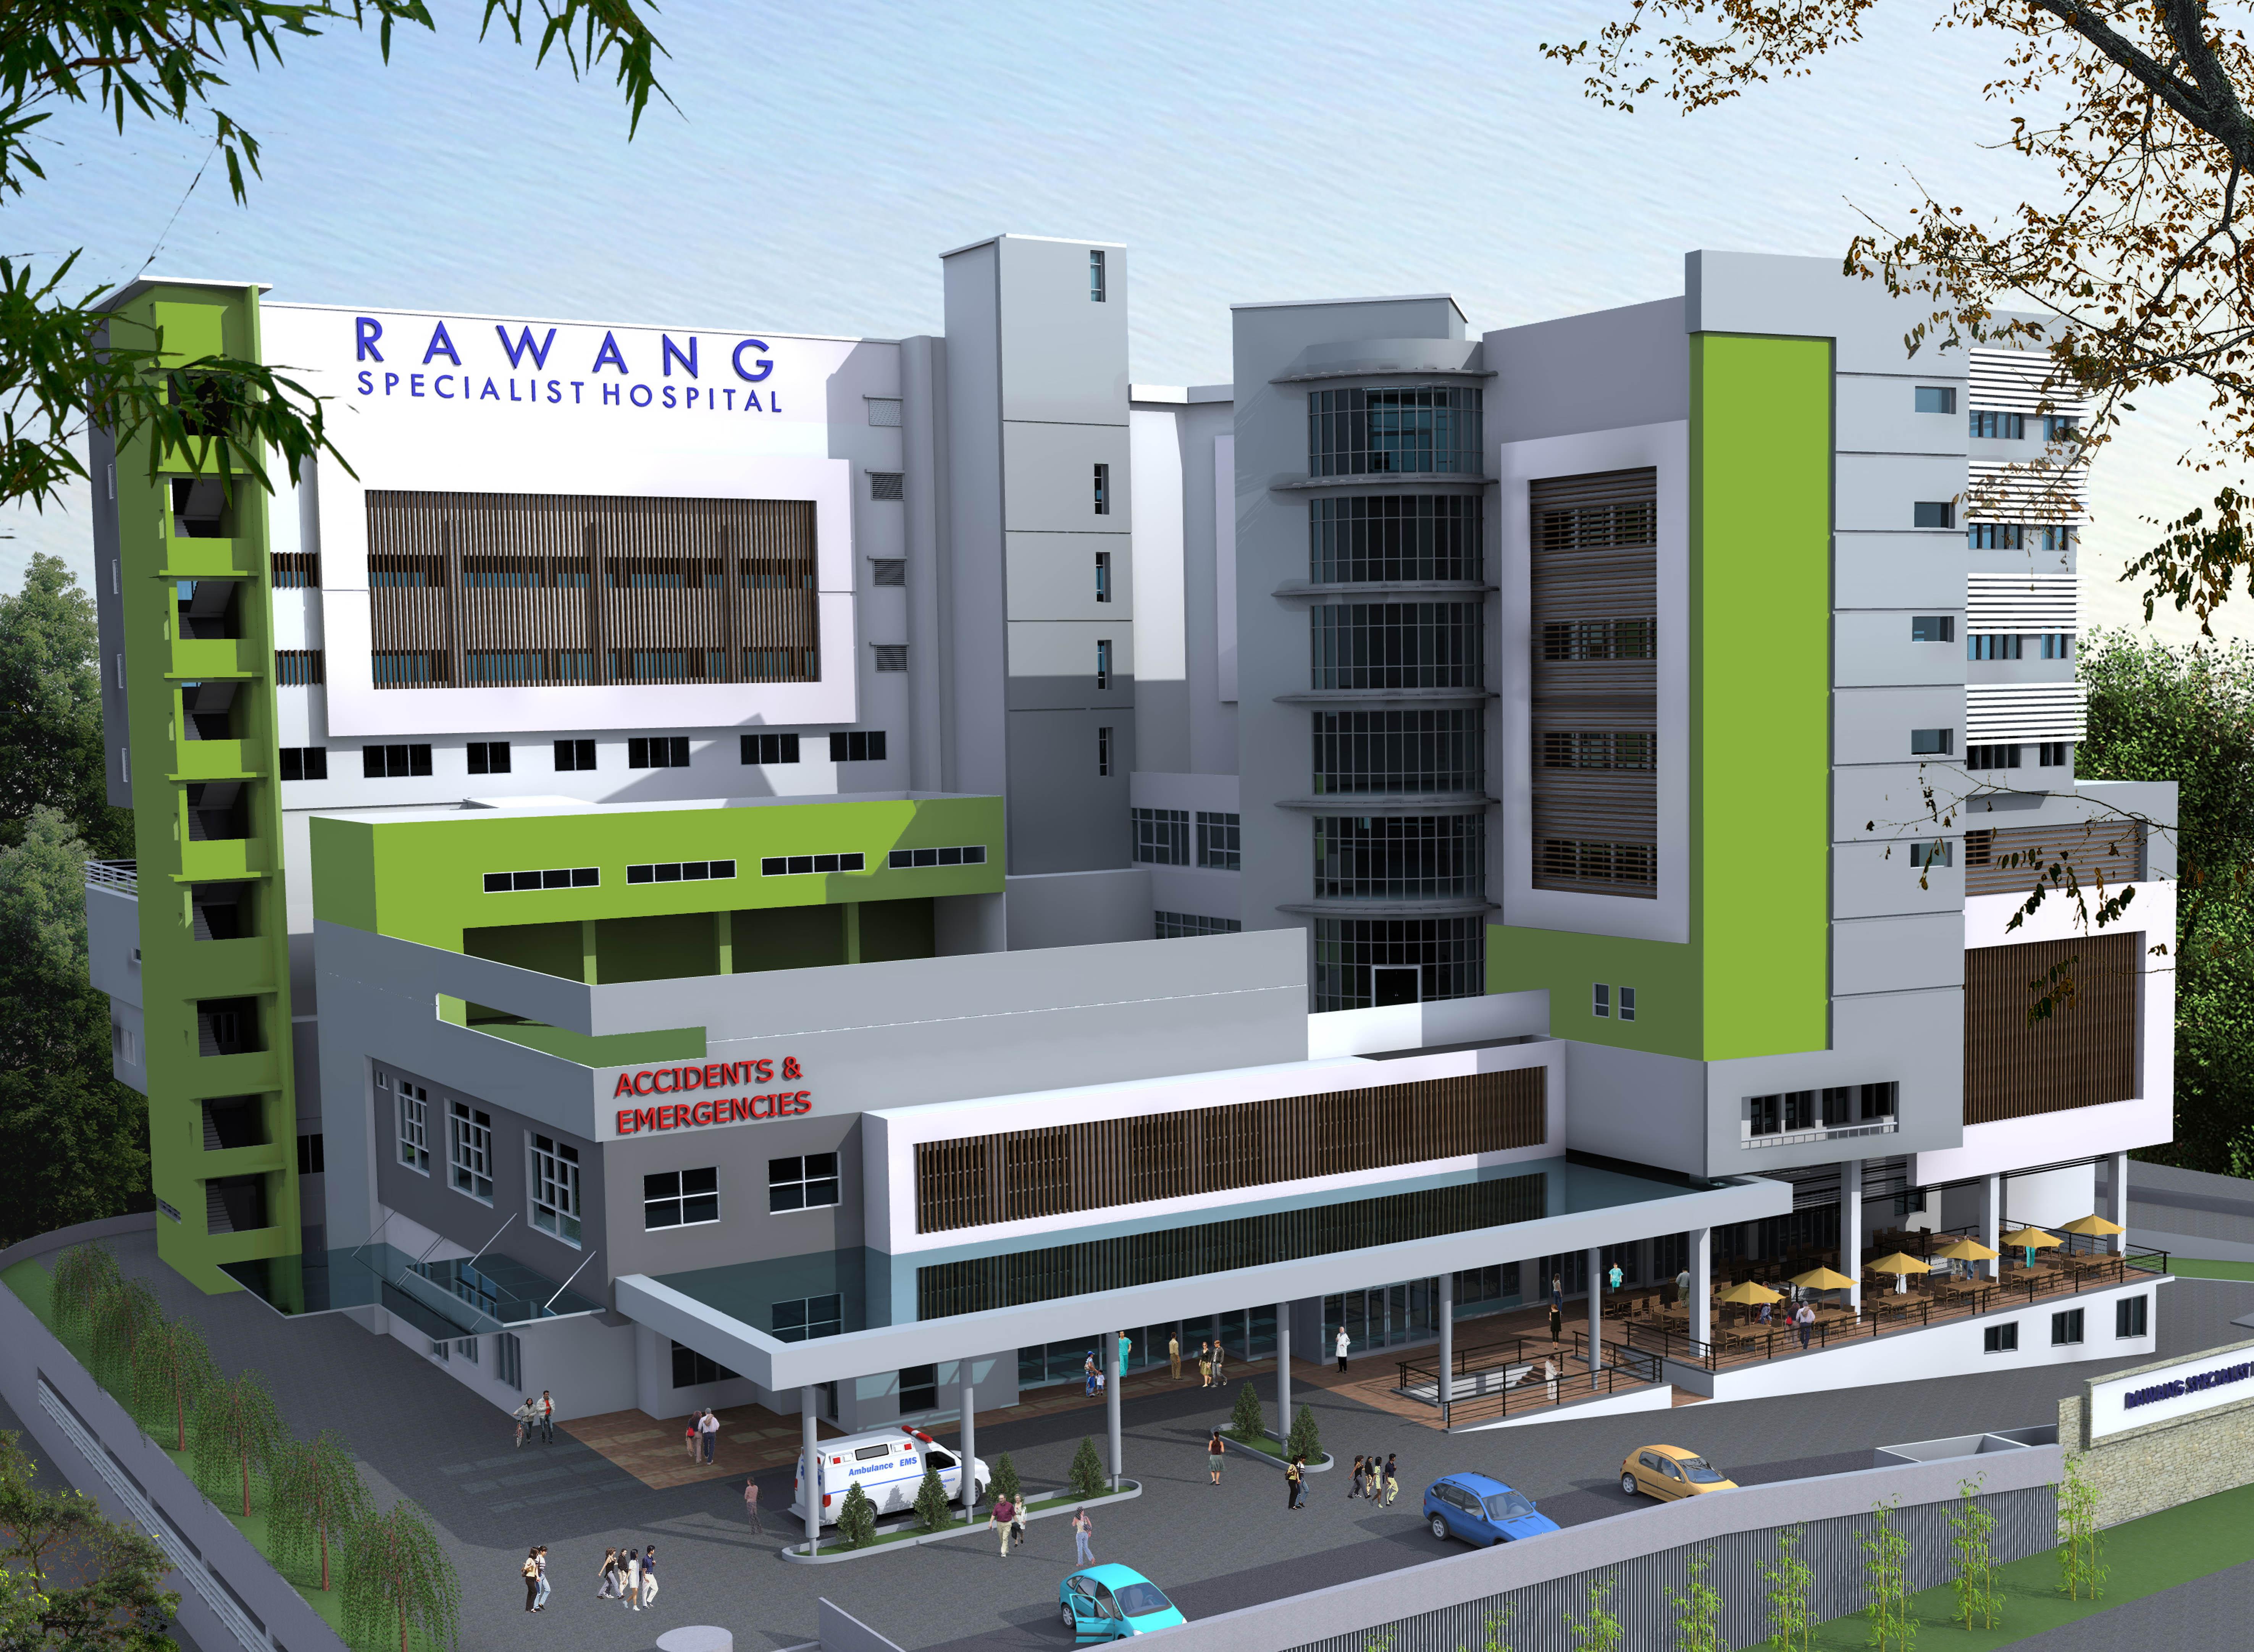 مستشفى راوانغ التخصصي